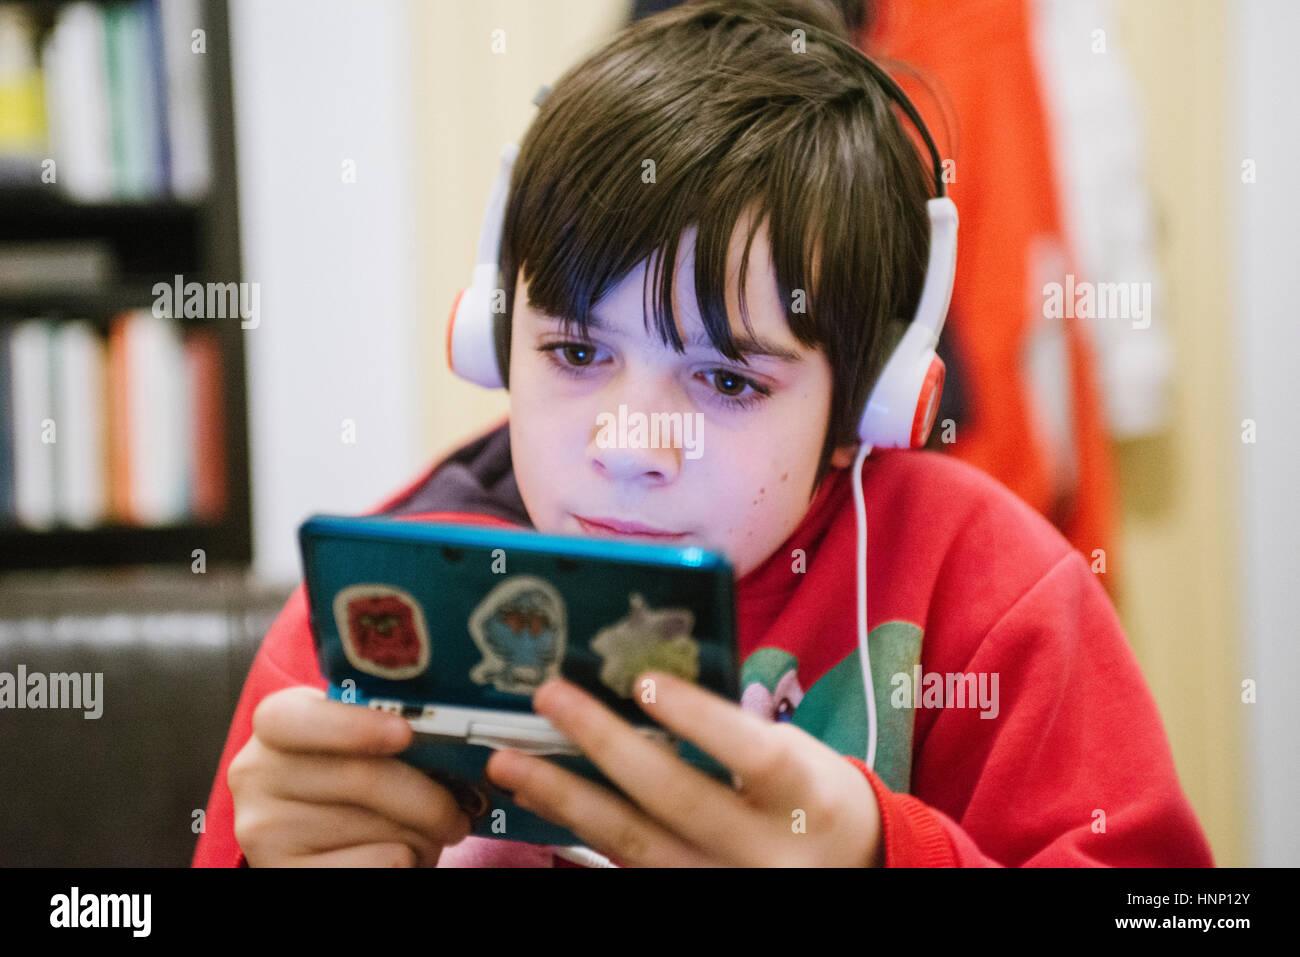 Garçon de 12 ans jouer avec jeu vidéo Photo Stock